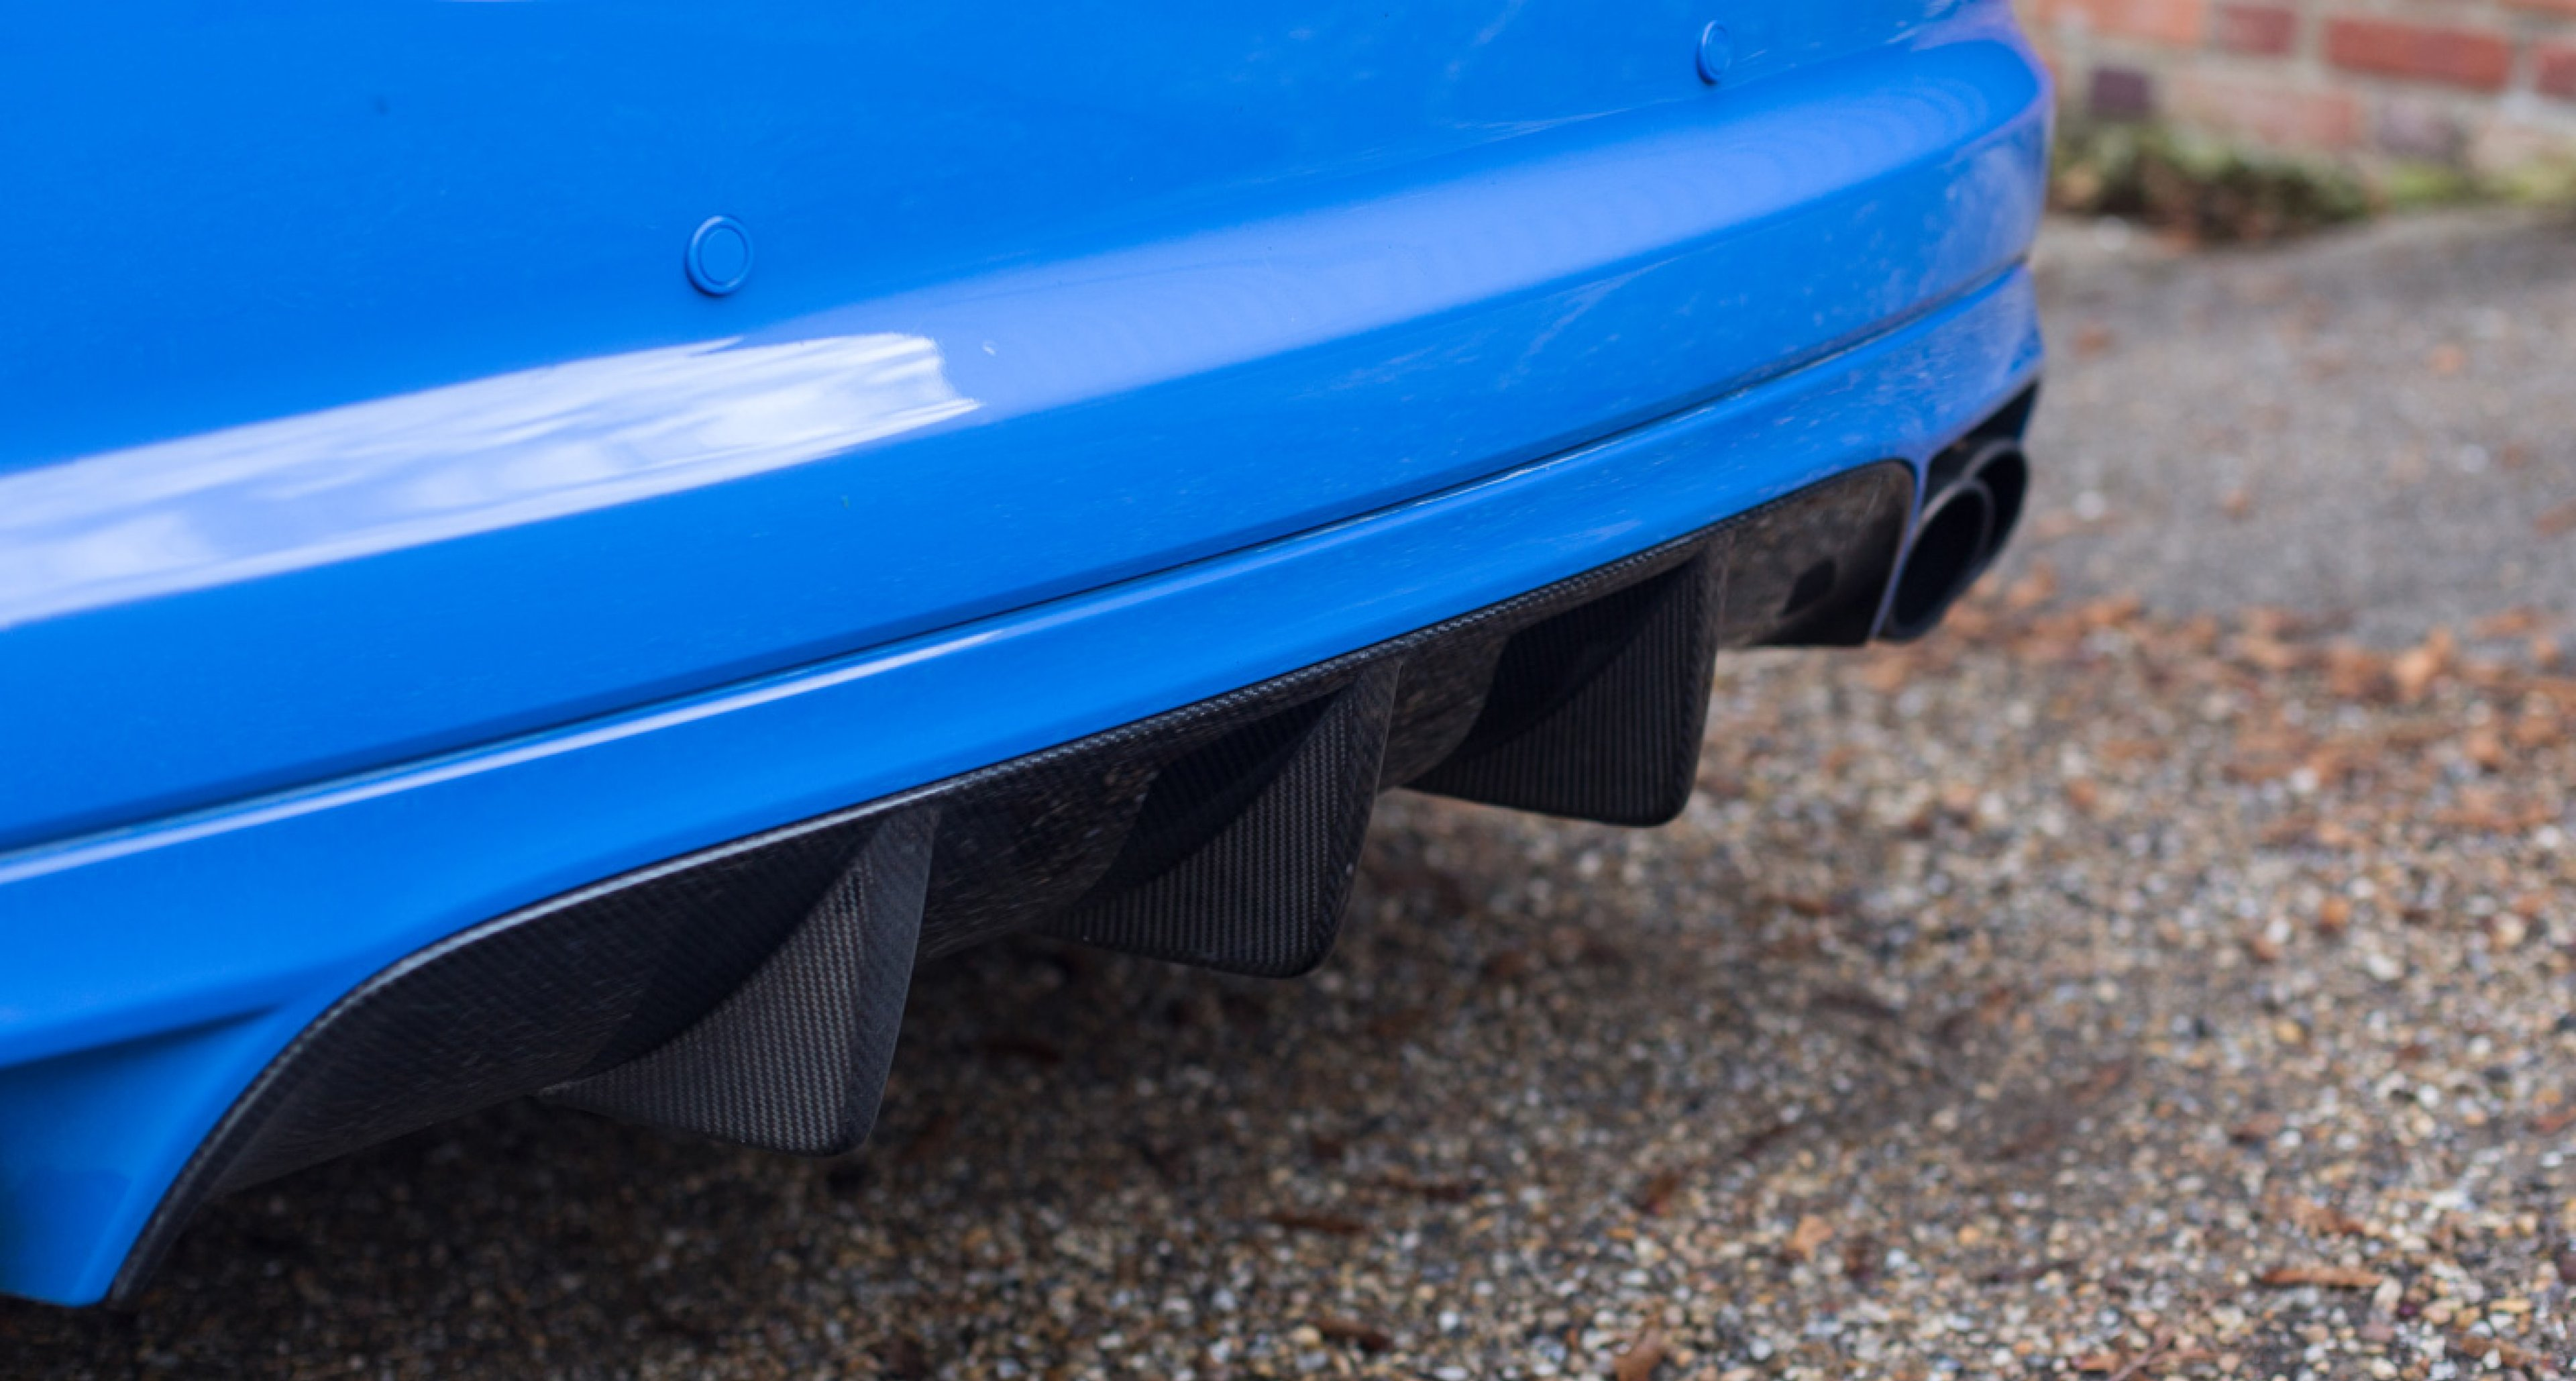 Jaguar XFR-S rear diffuser